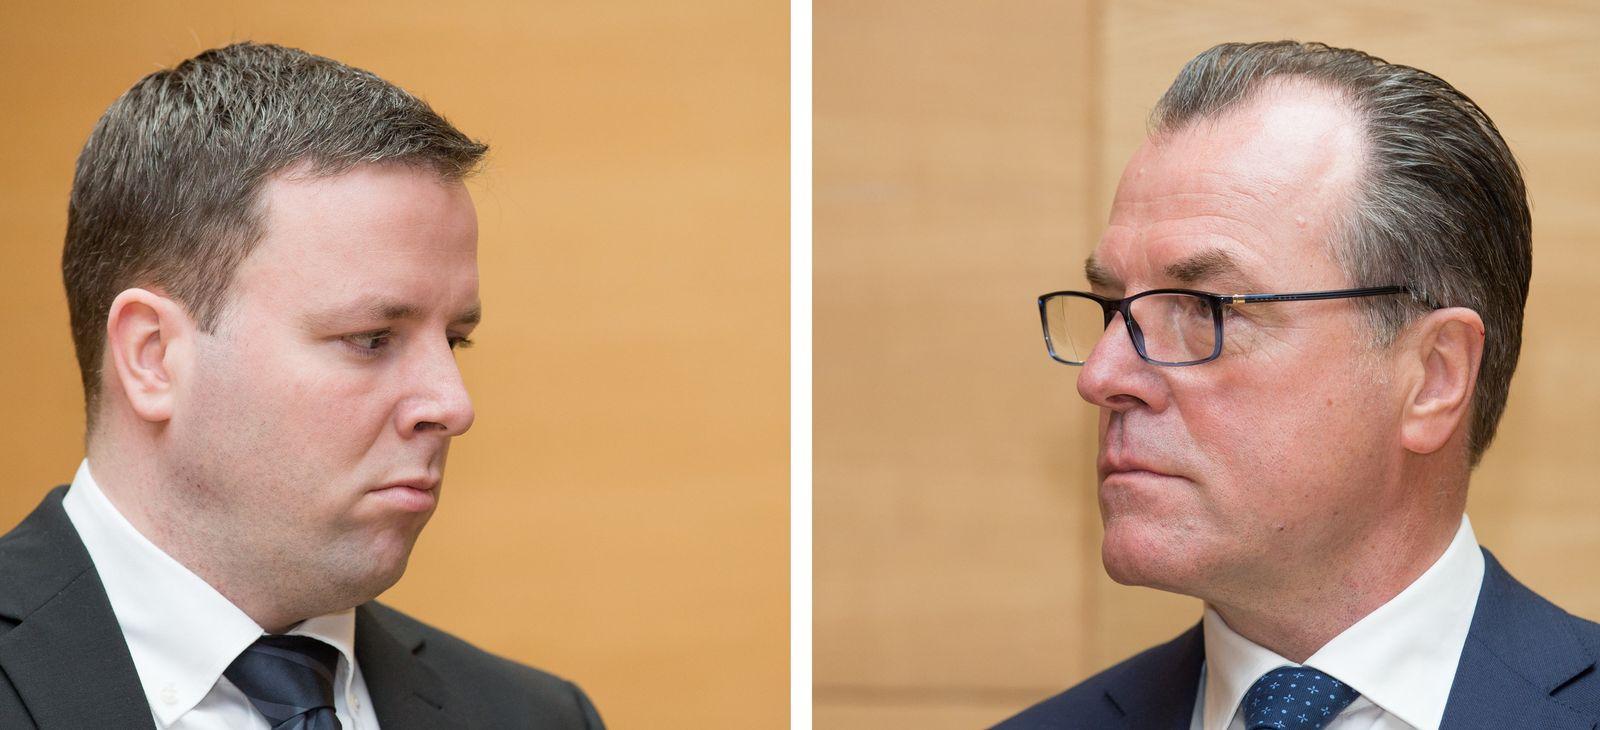 Tönnies-Prozess am Landgericht Bielefeld